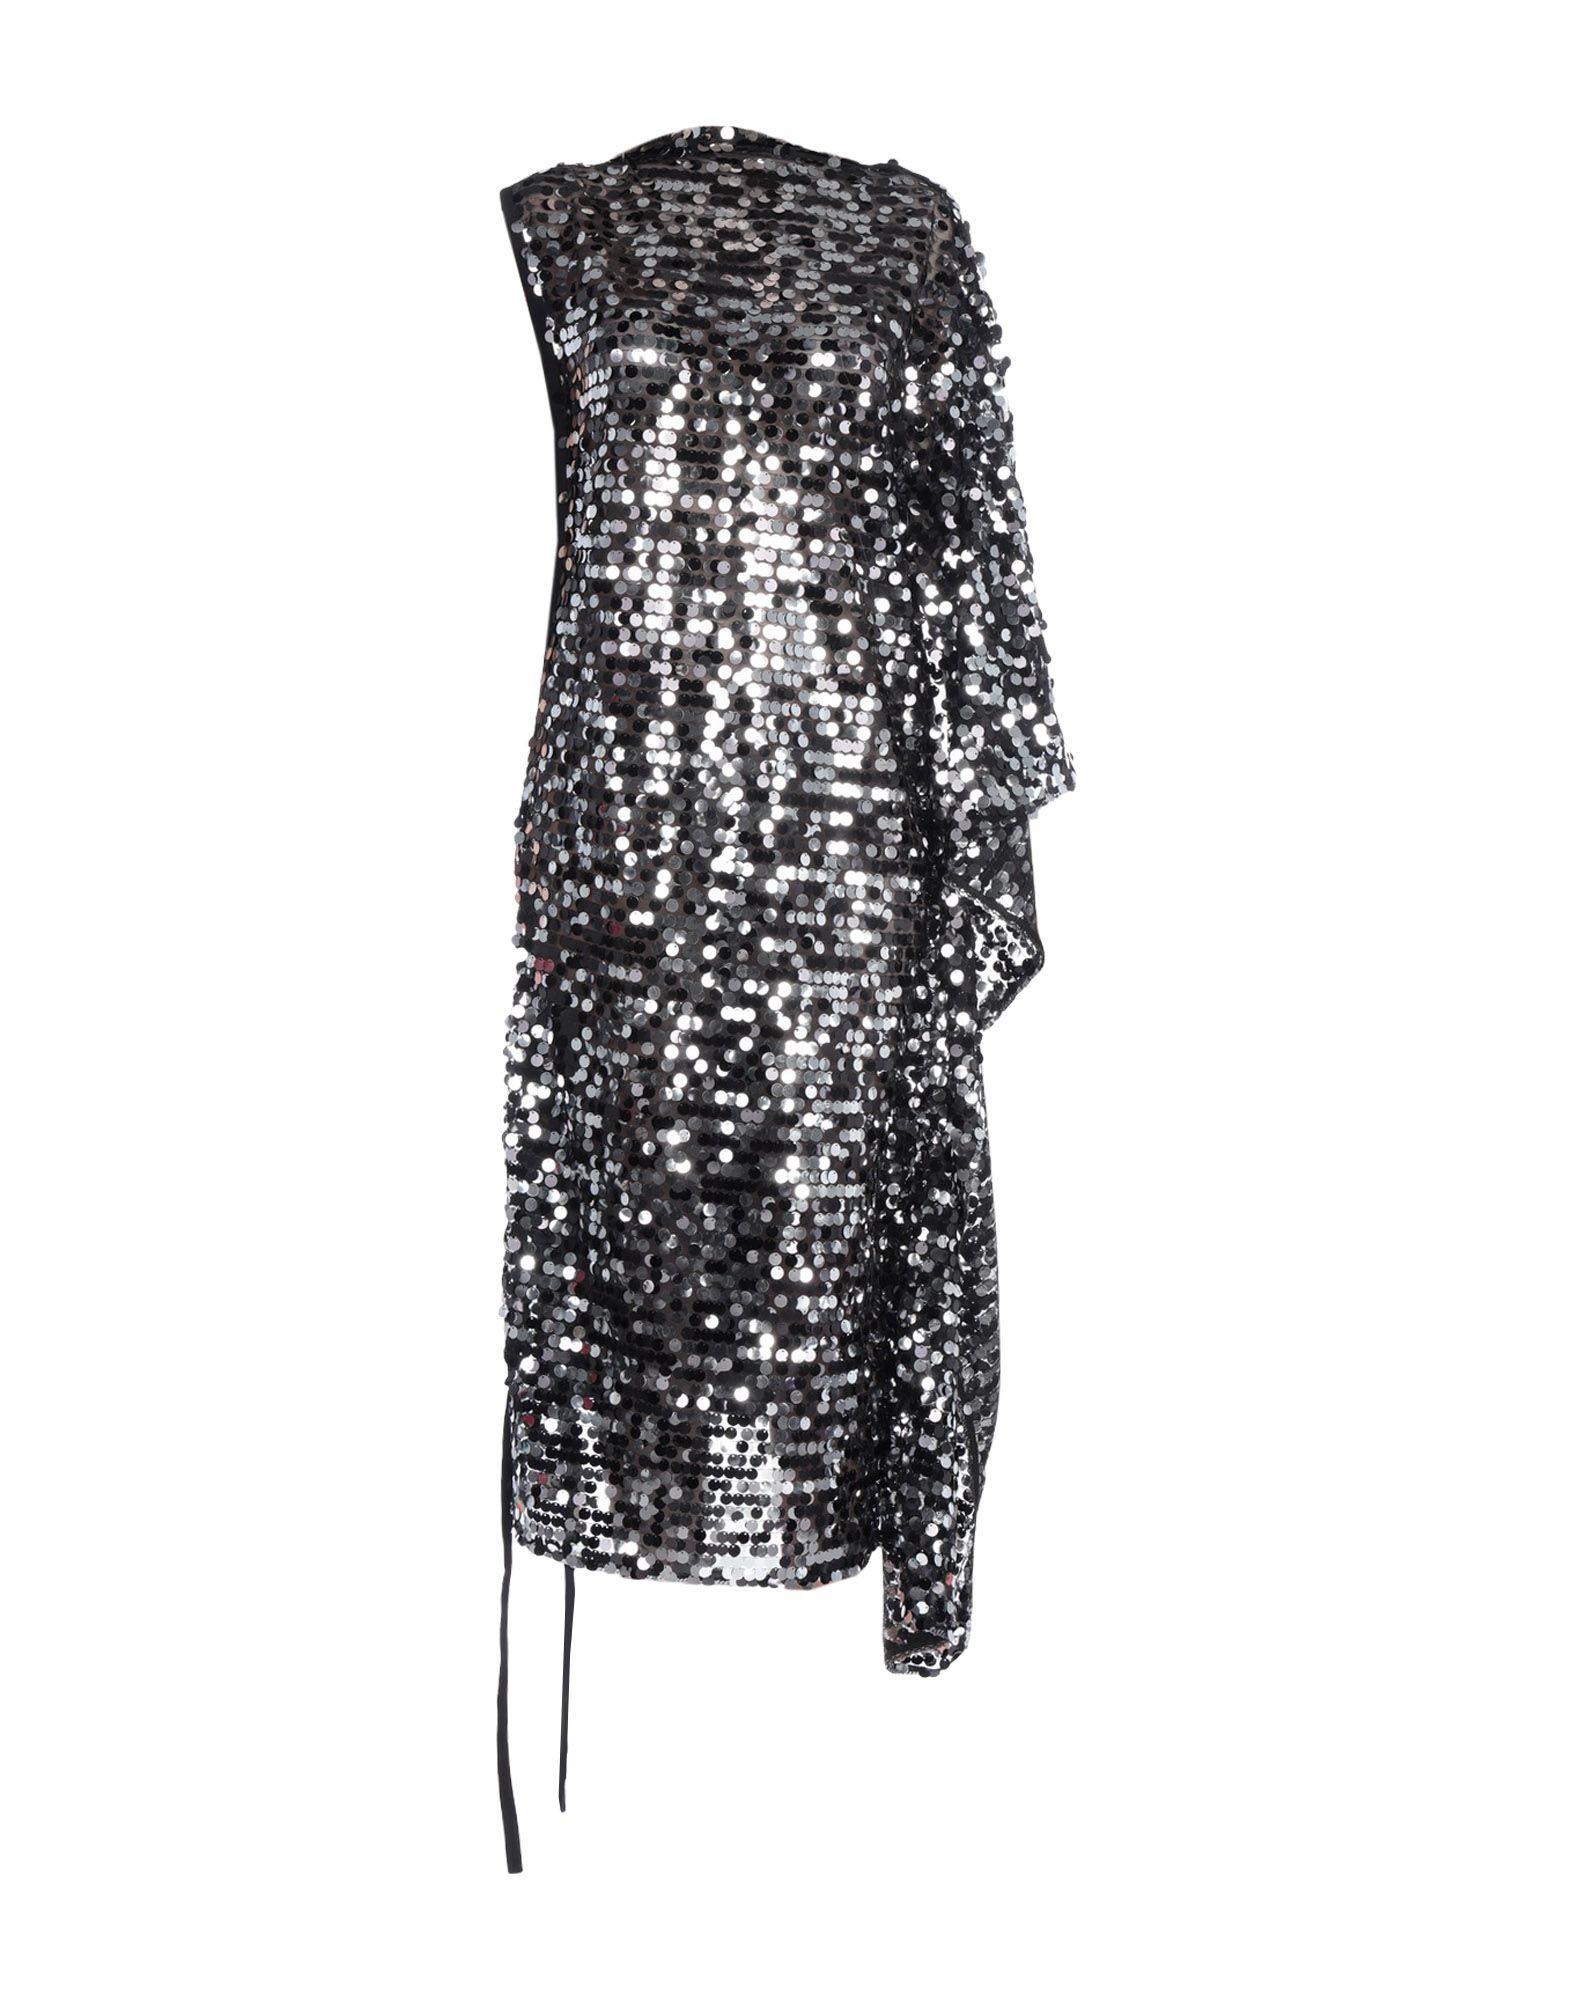 MM6 MAISON MARGIELA Платье длиной 3/4 maison margiela 1 платье длиной 3 4